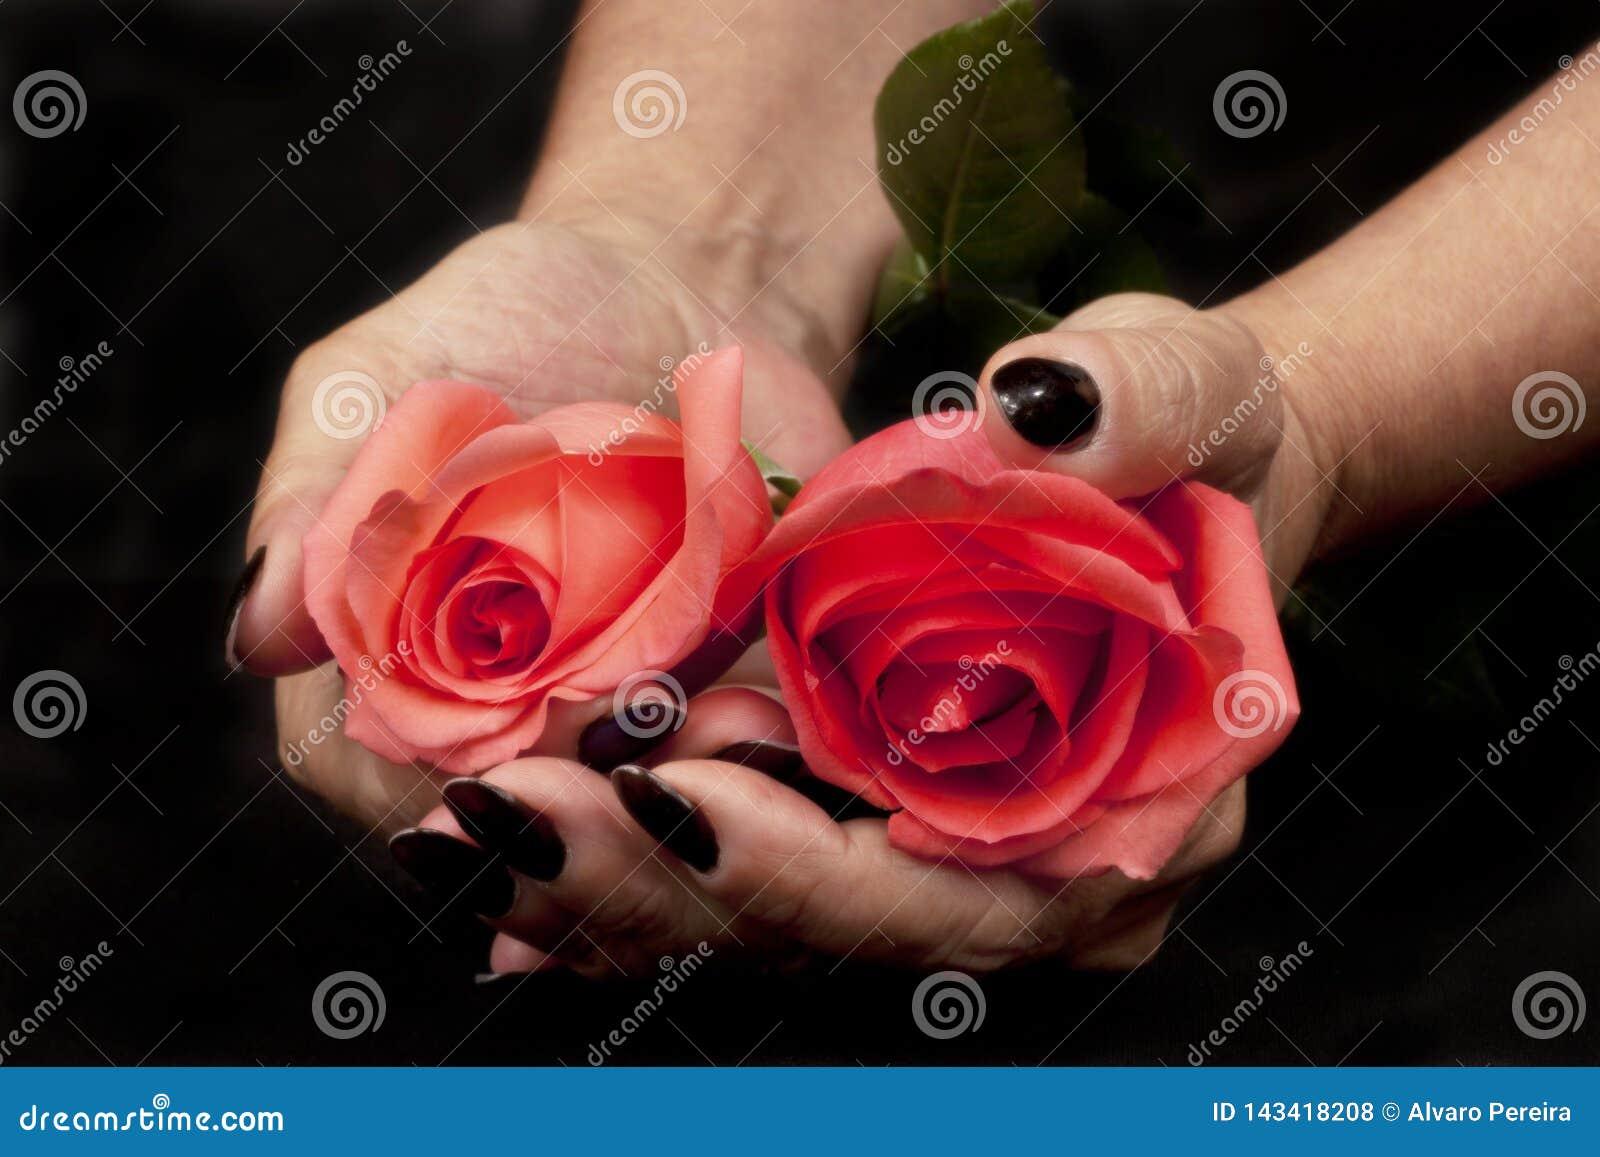 Ge några blommor precis för dig